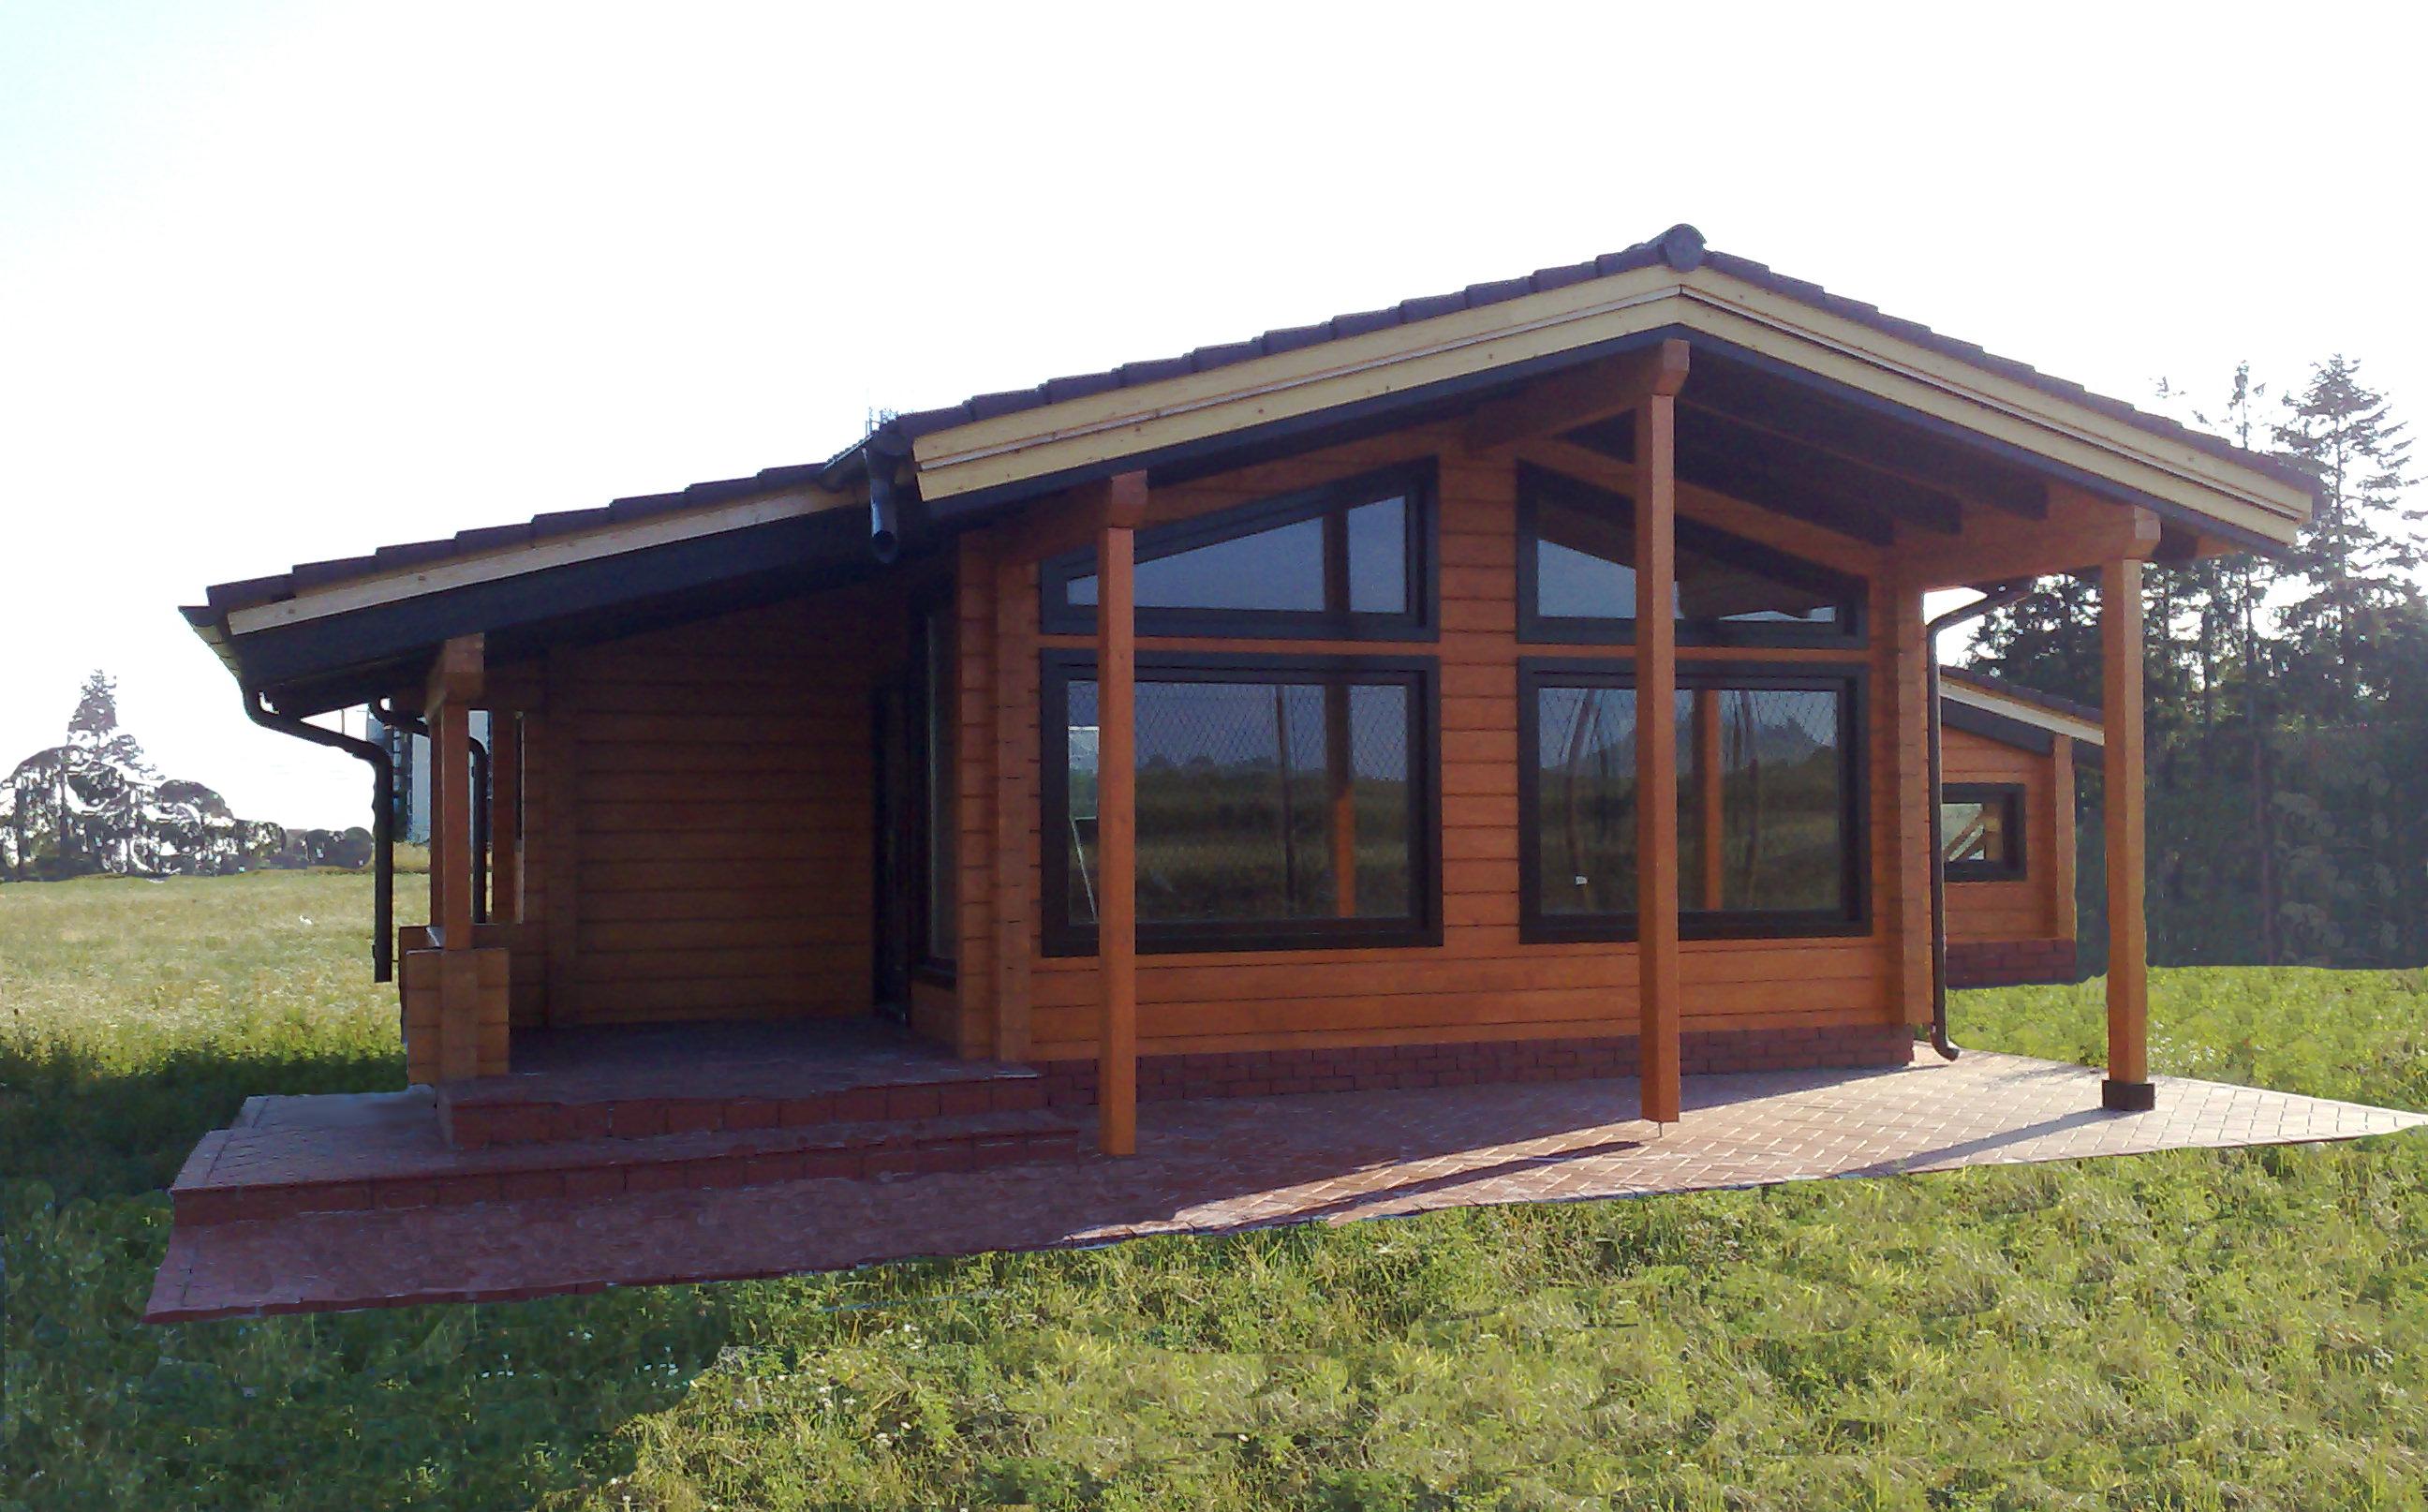 ansonia kit di costruzione per case in legno share the